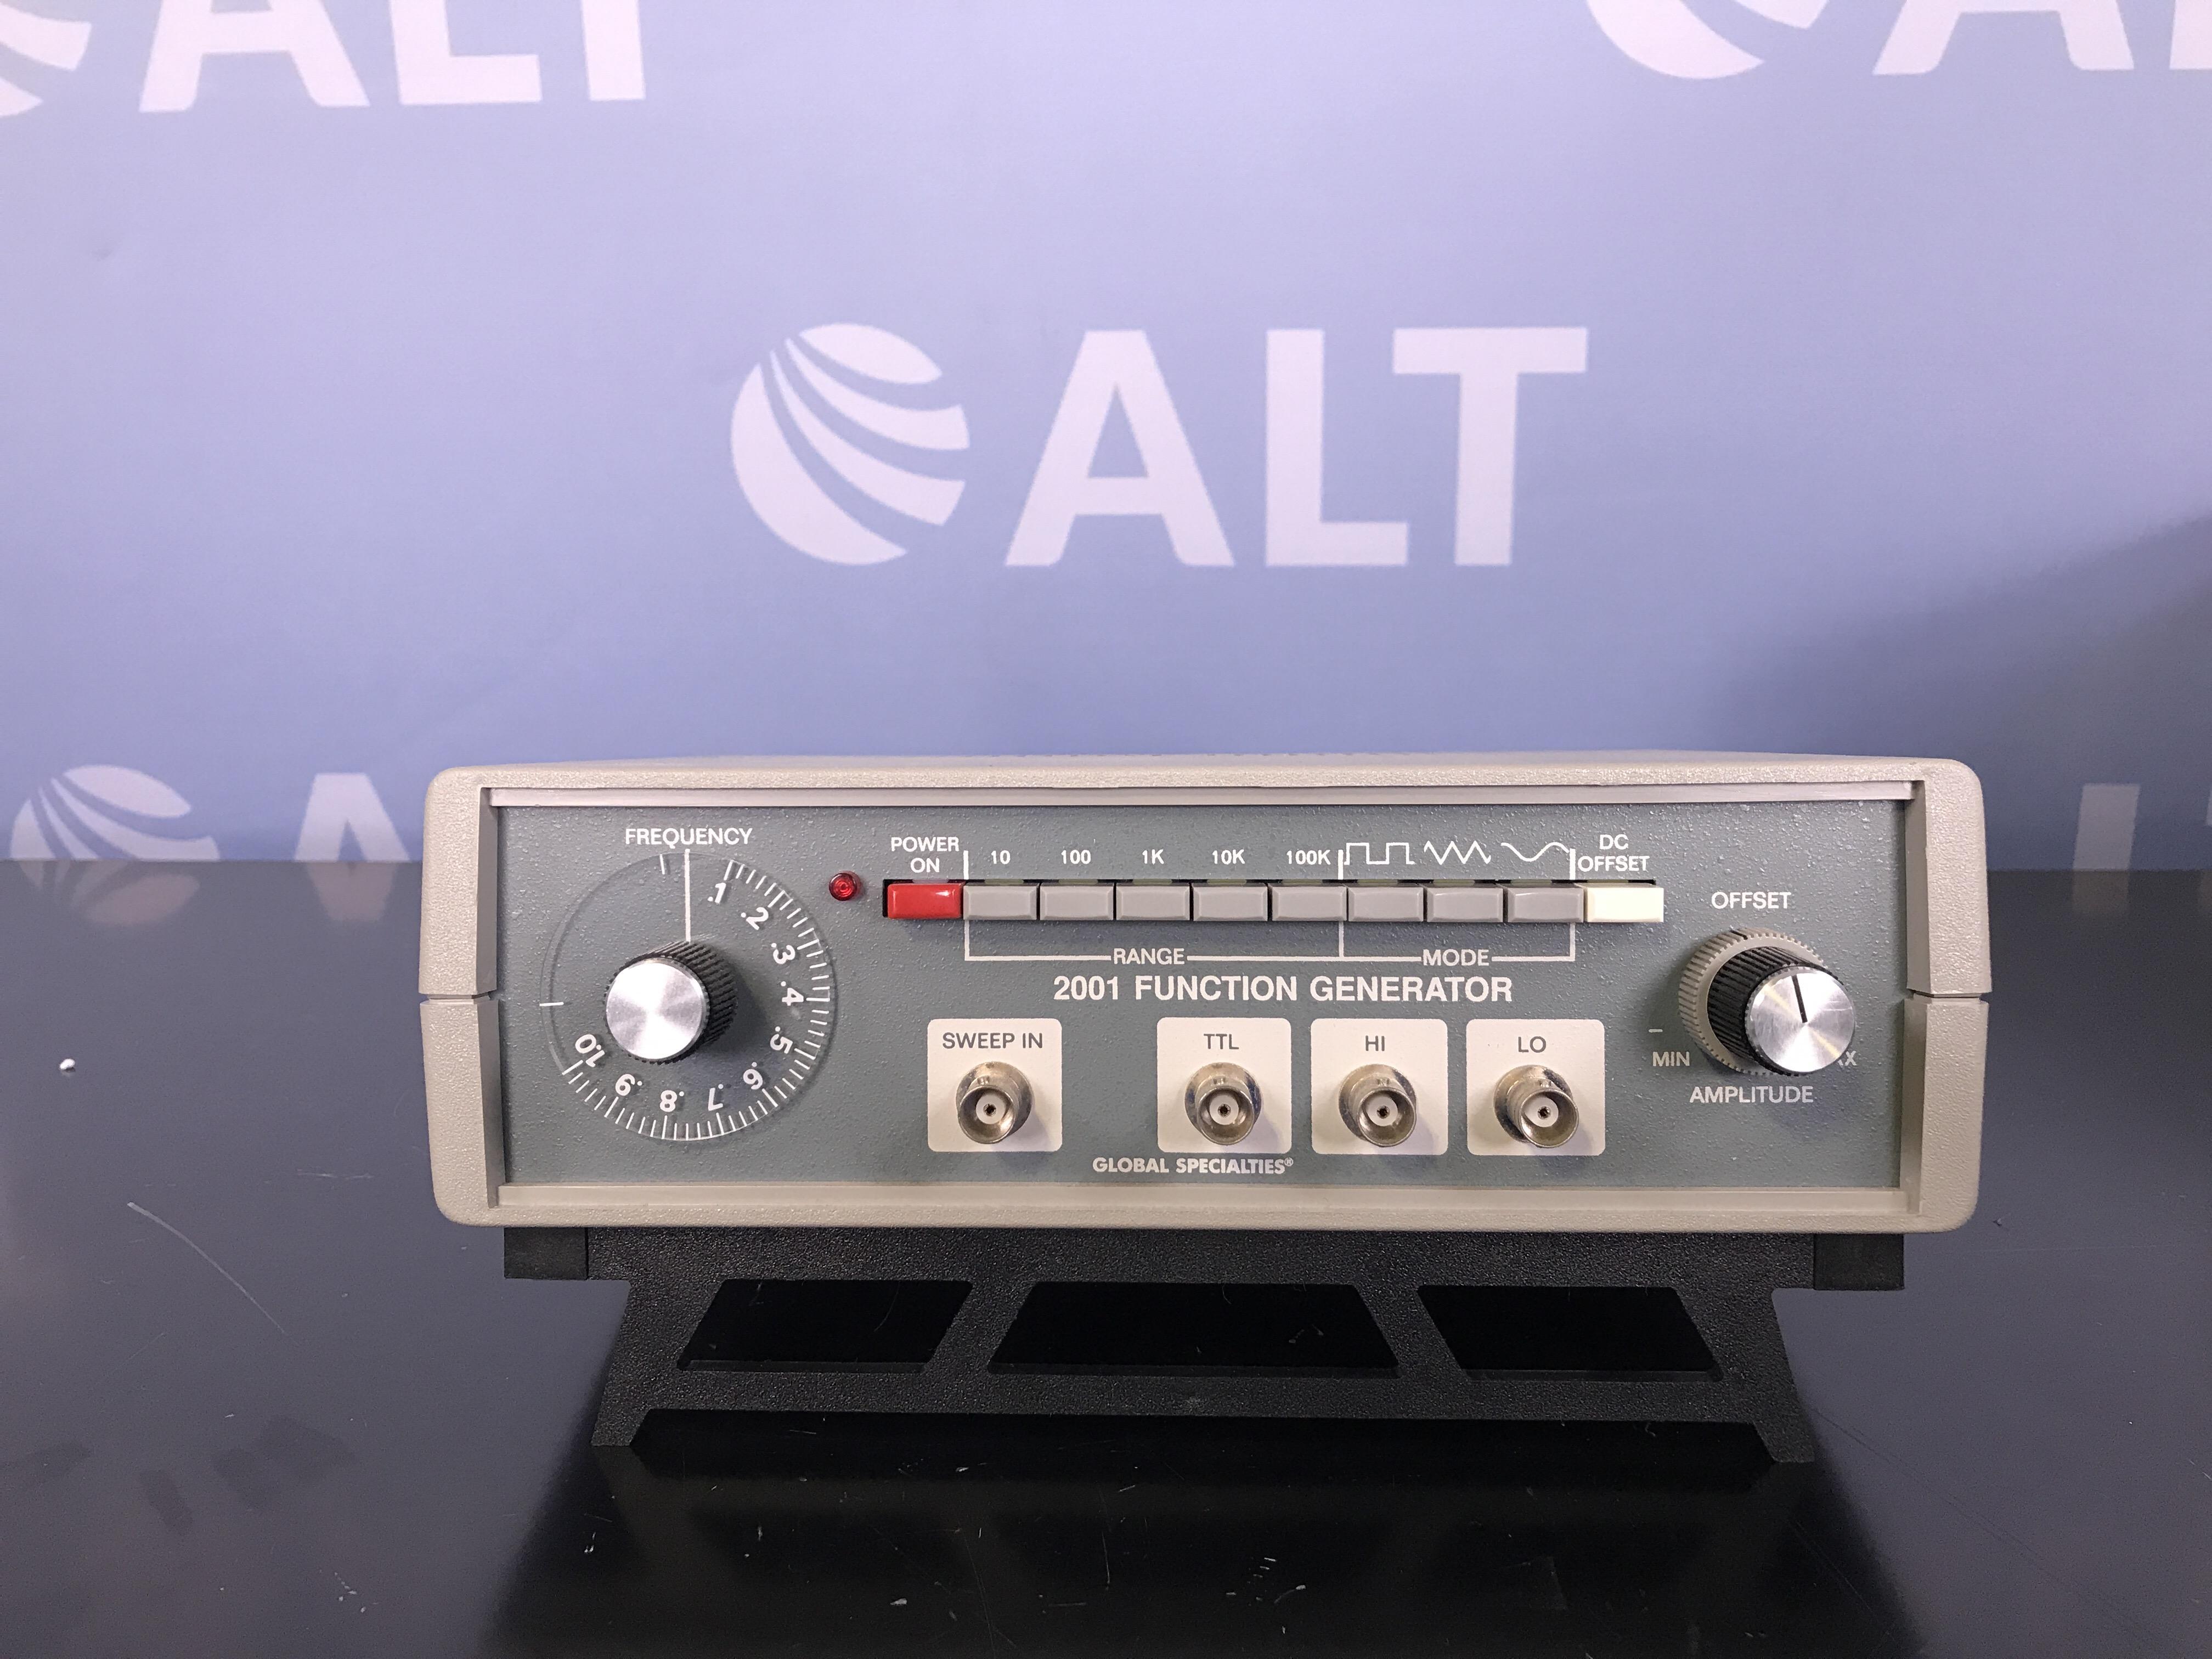 Global Specialties 2001 Function Generator